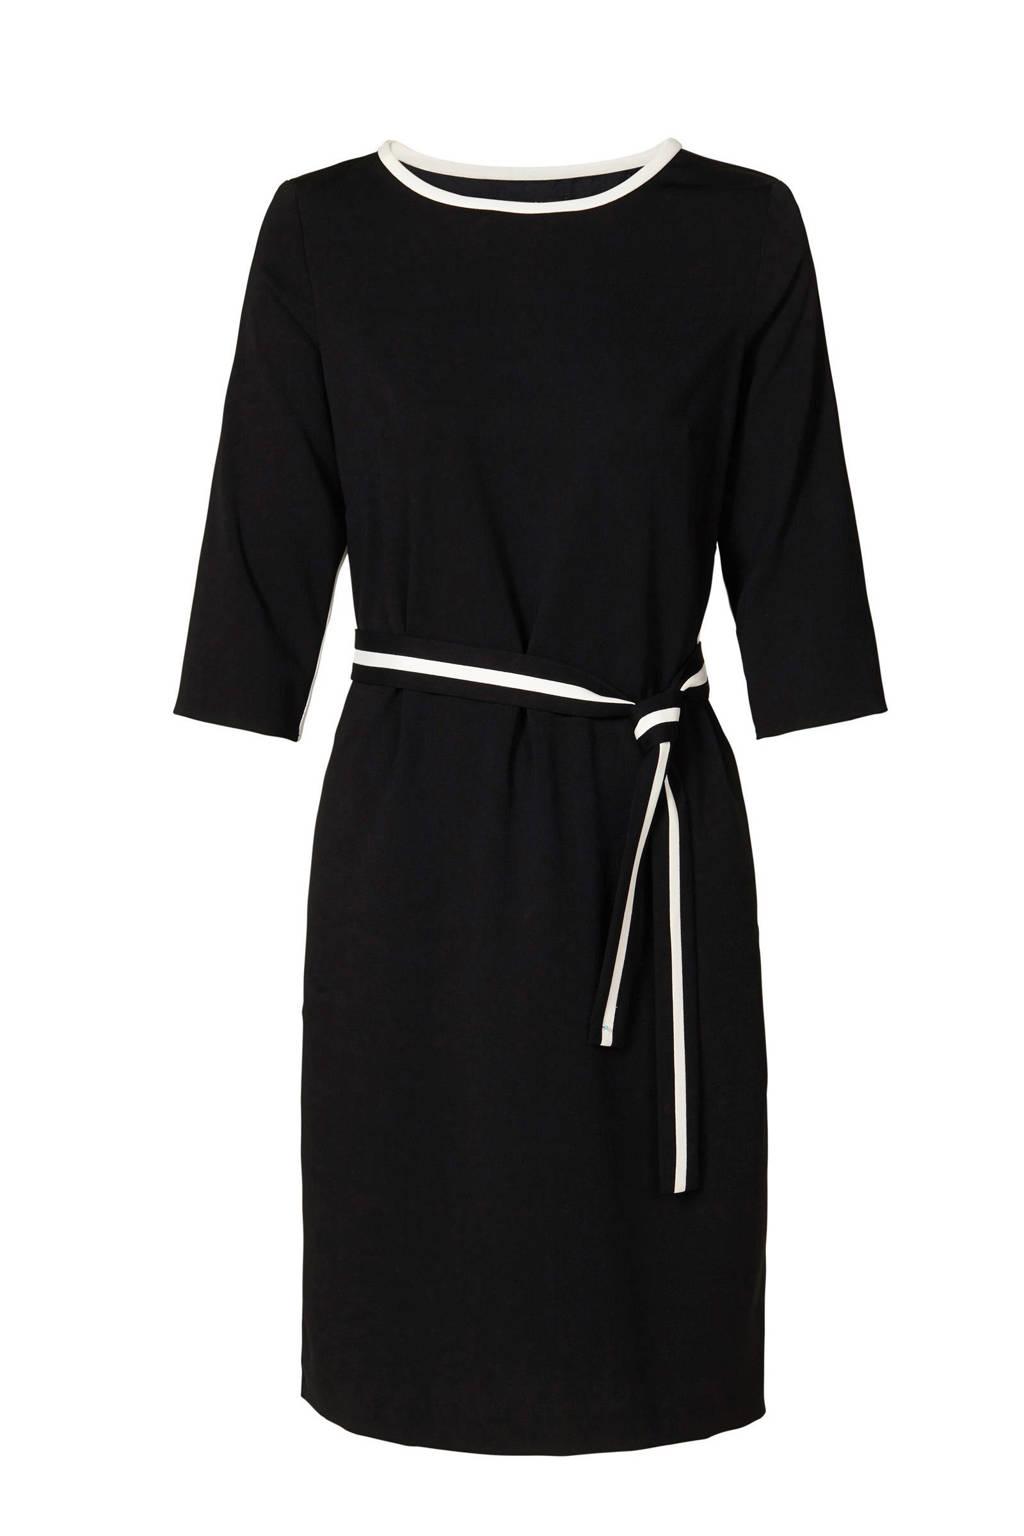 Mart Visser jurk met zijstreep zwart, Zwart